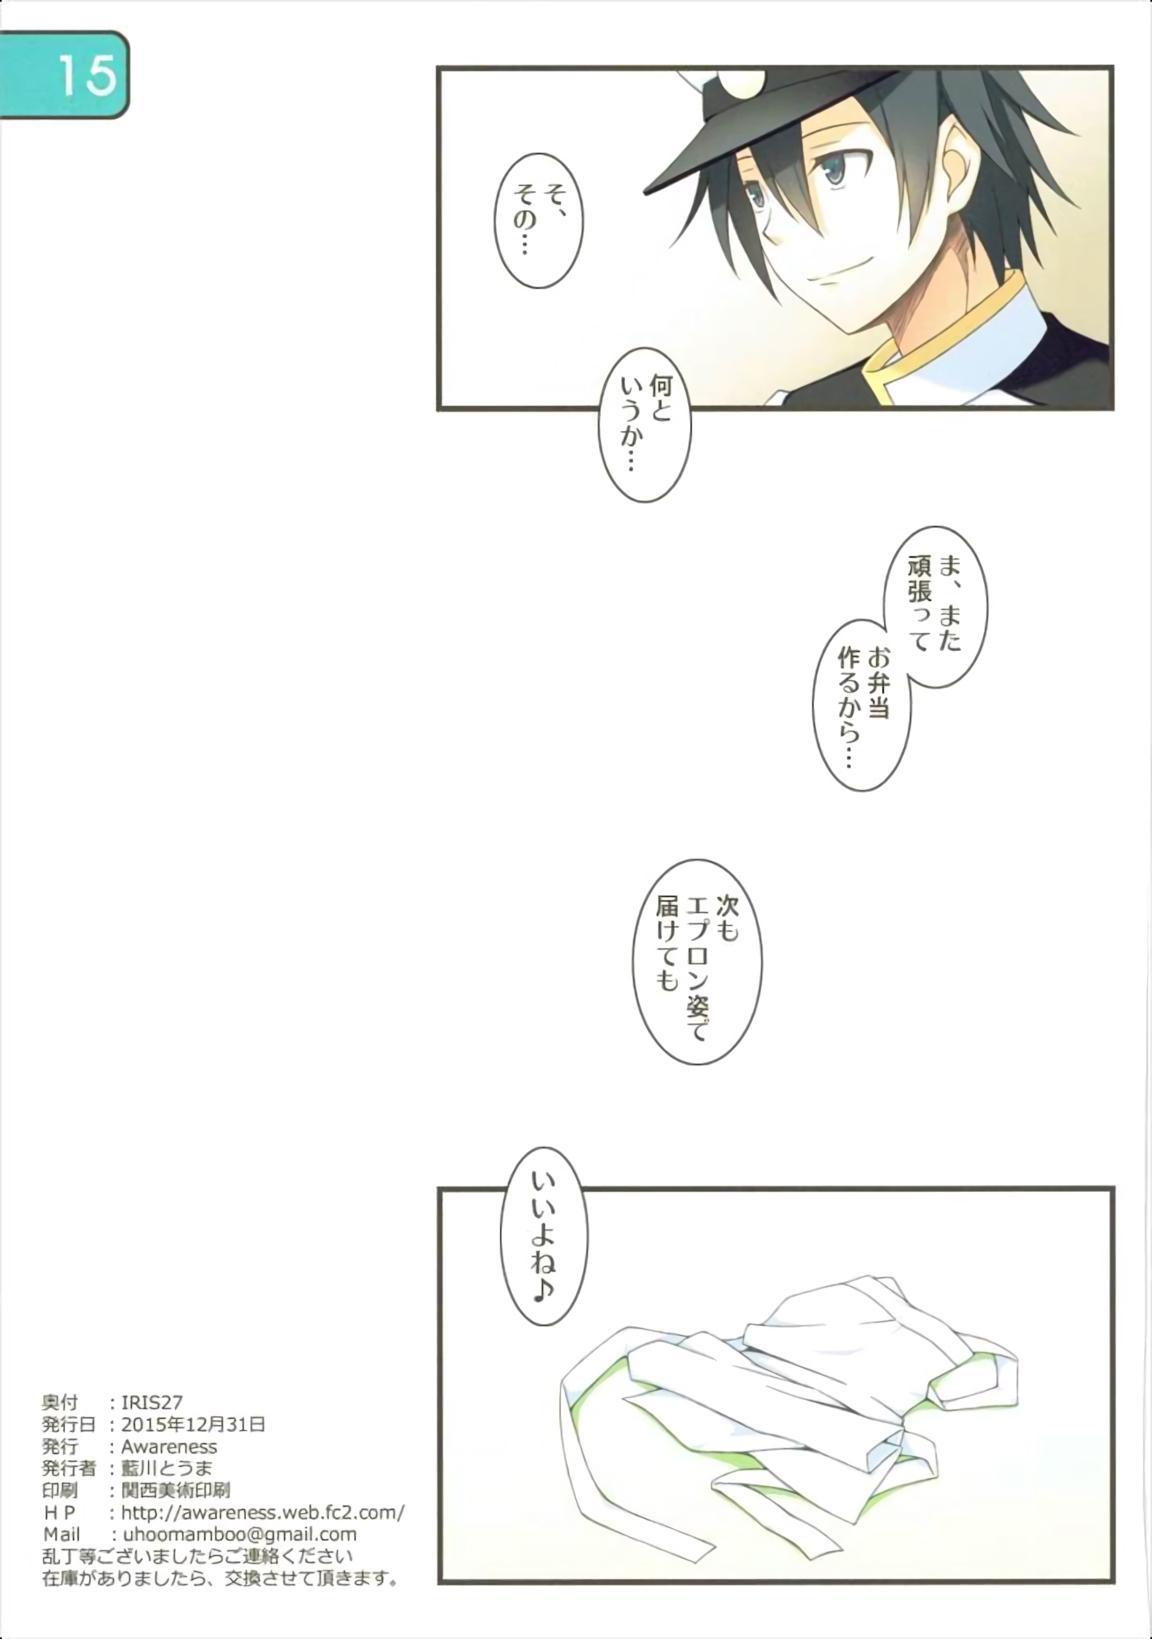 IRIS27 Hadaka Apron de Otodokeshimasu! 14